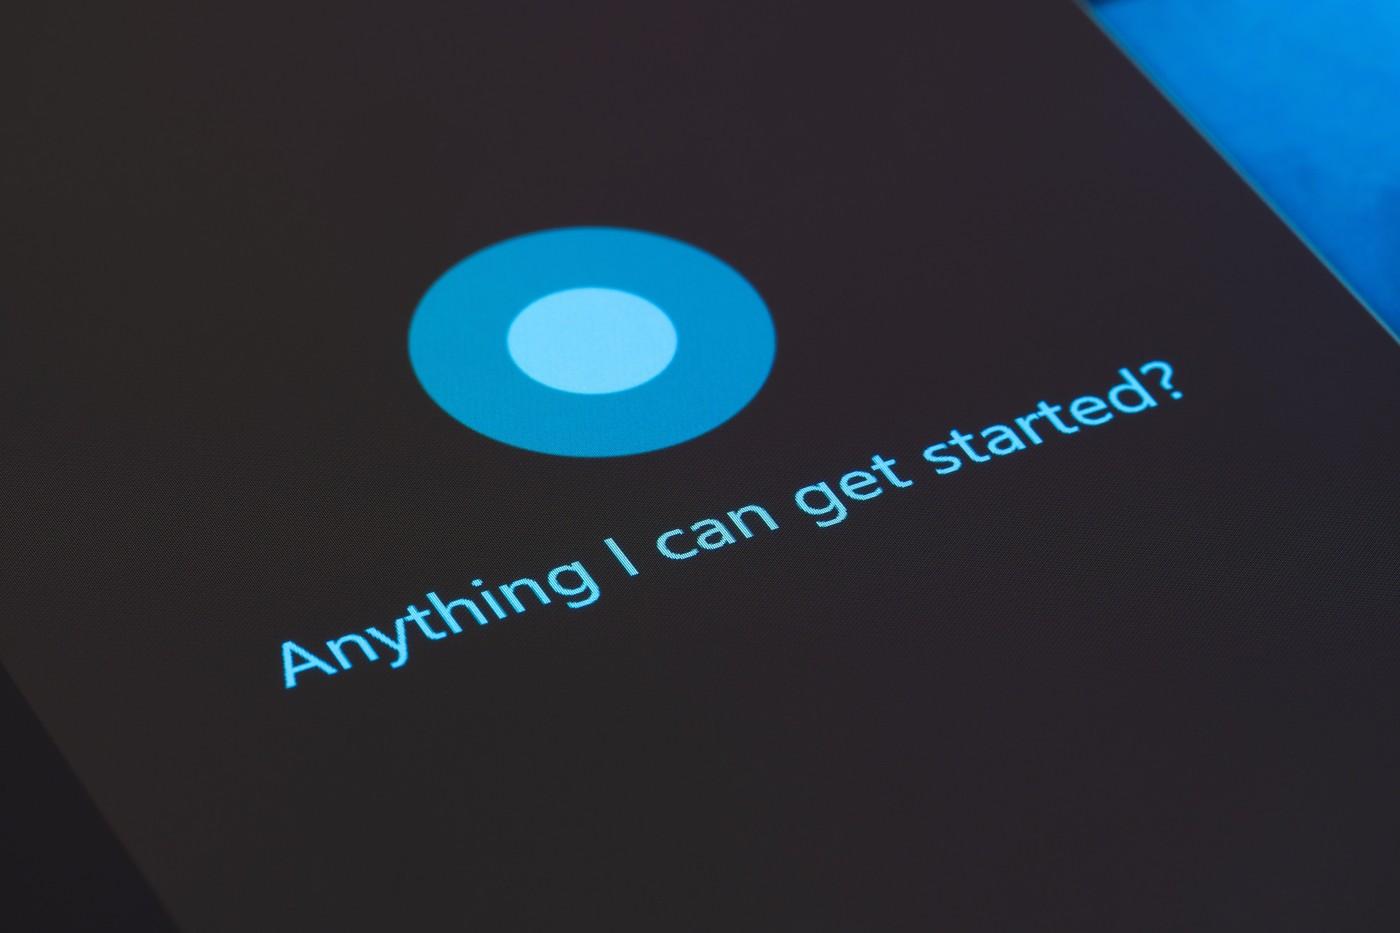 為Cortana加把勁!微軟買下蘋果前語音總科學家創辦的AI新創